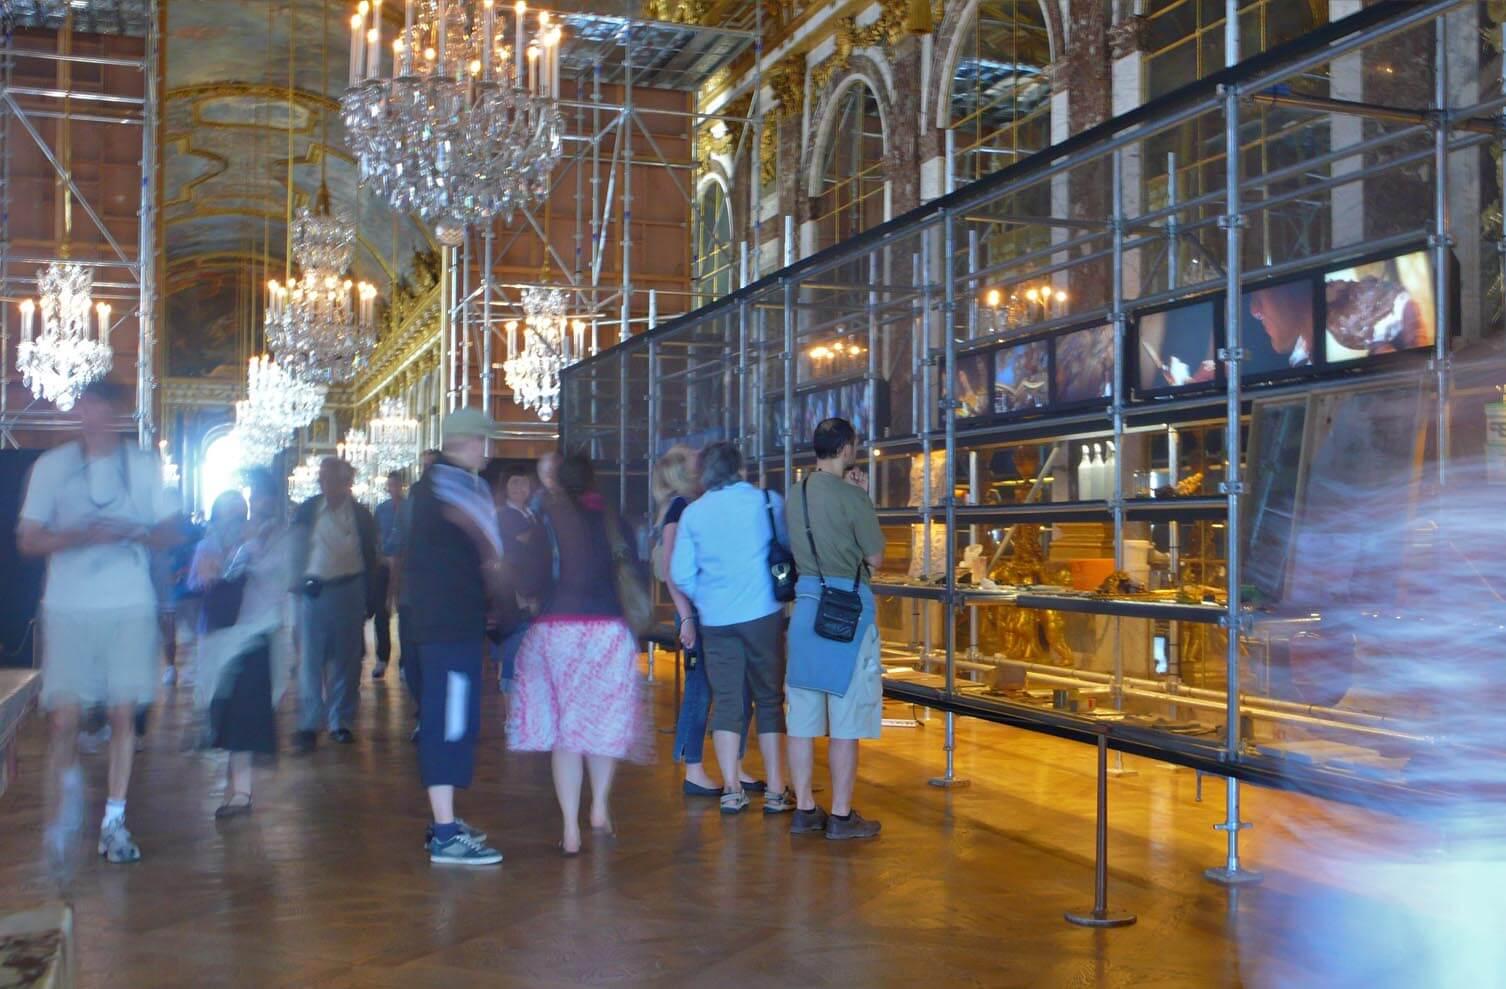 Image Galerie des Glaces 7